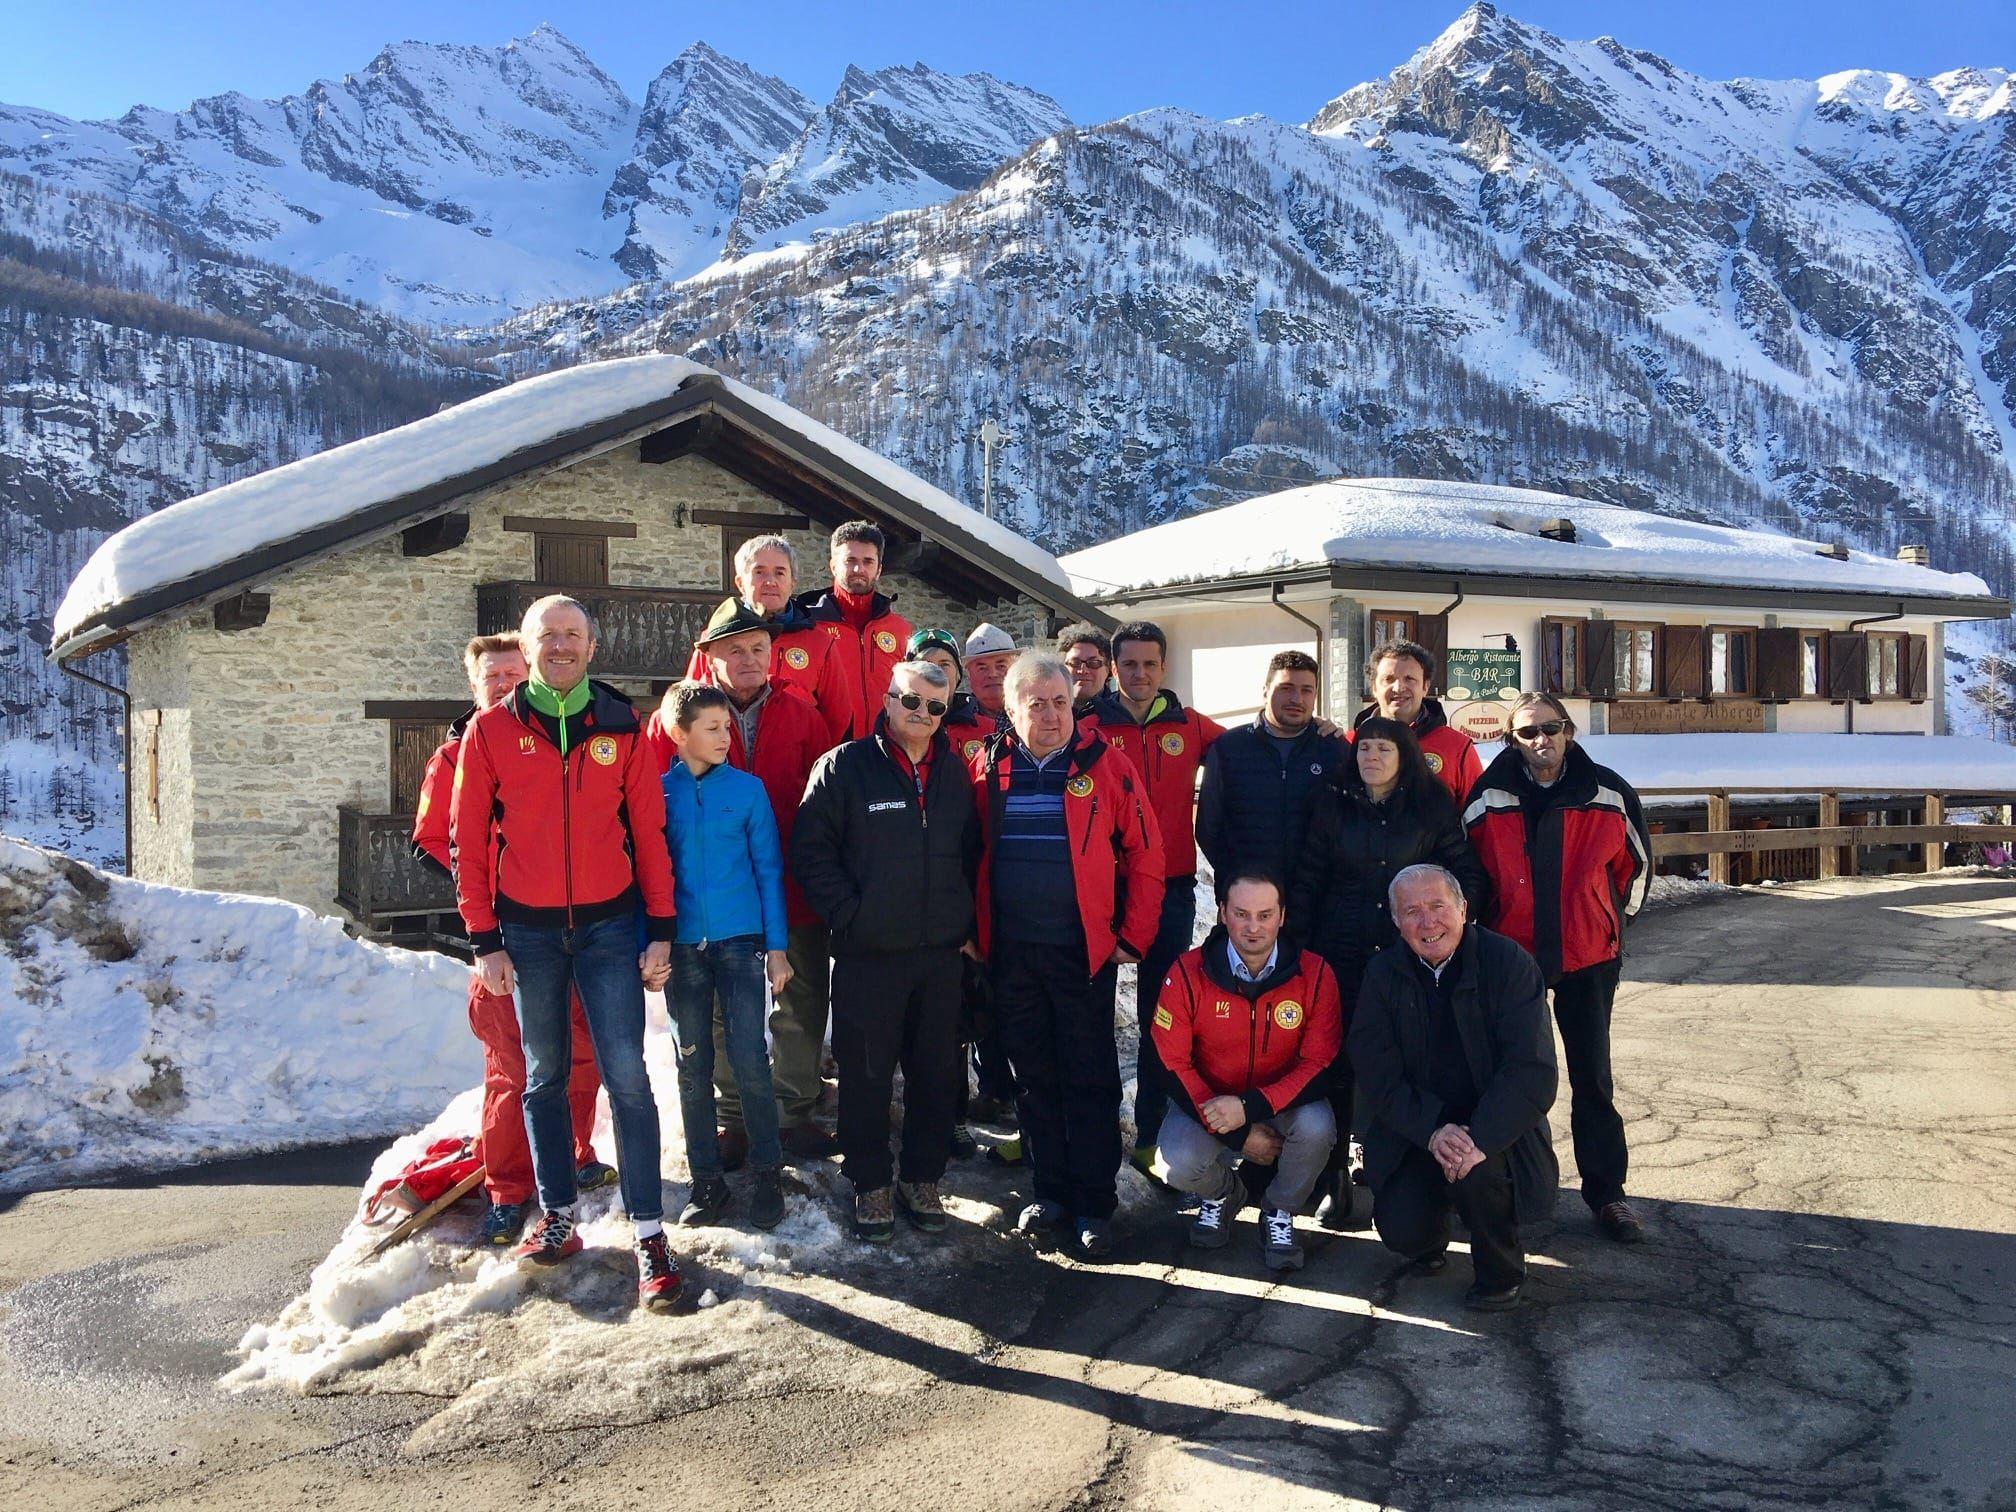 CERESOLE REALE - Festa per i 63 anni della stazione del soccorso alpino